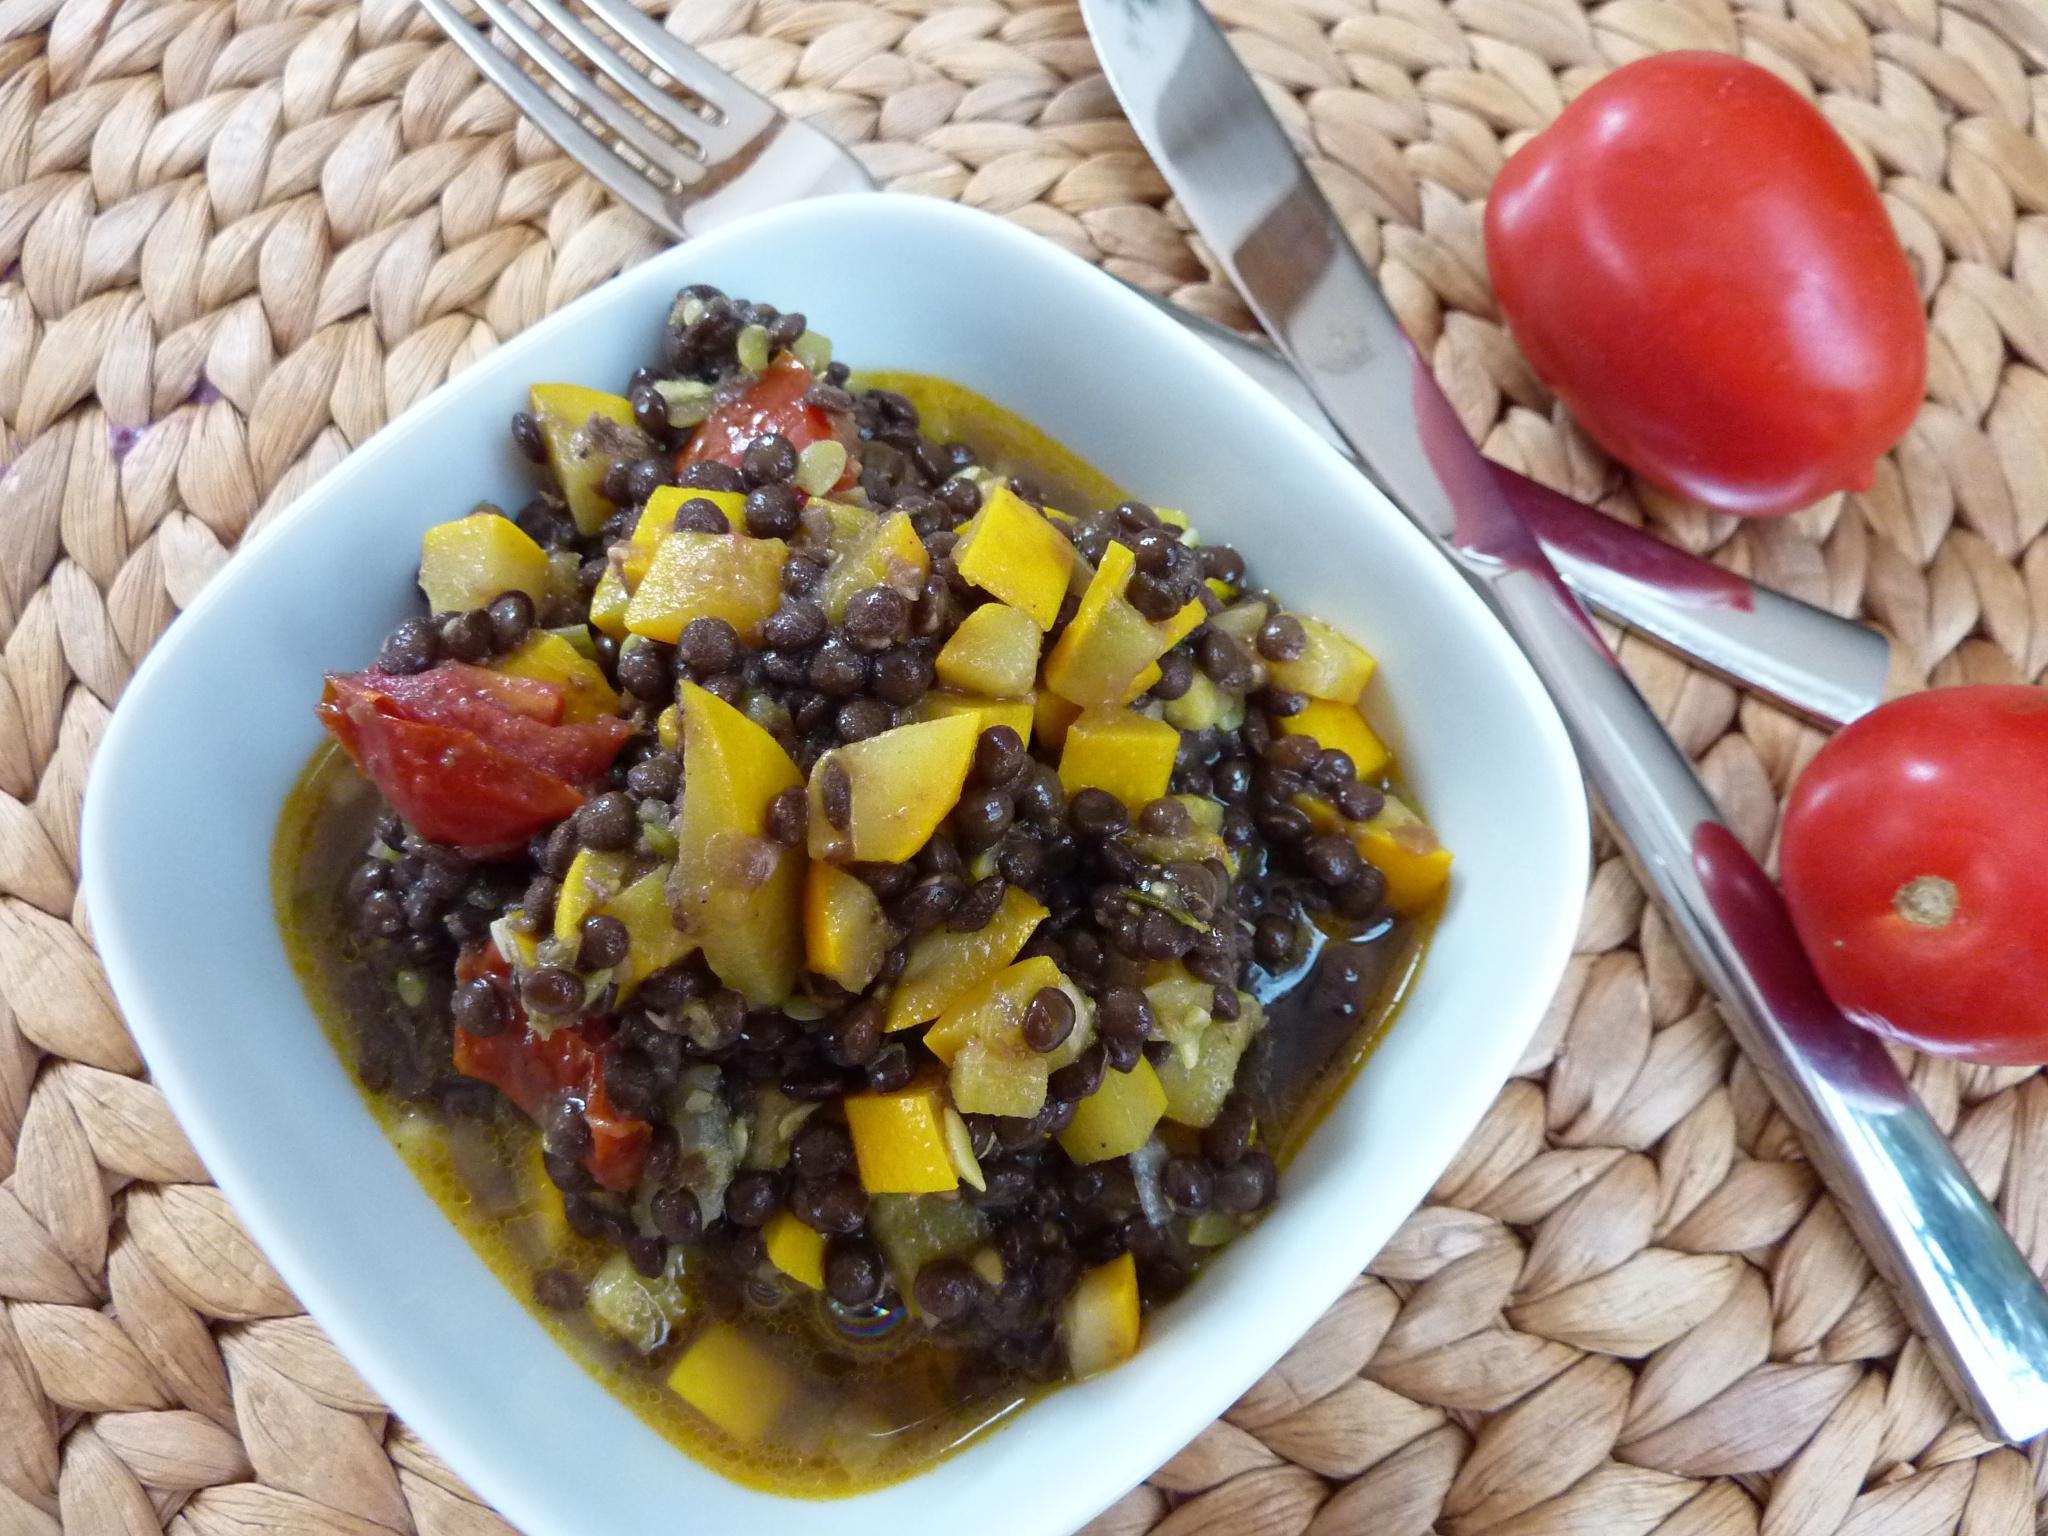 Zucchini-Belugalinsensalat